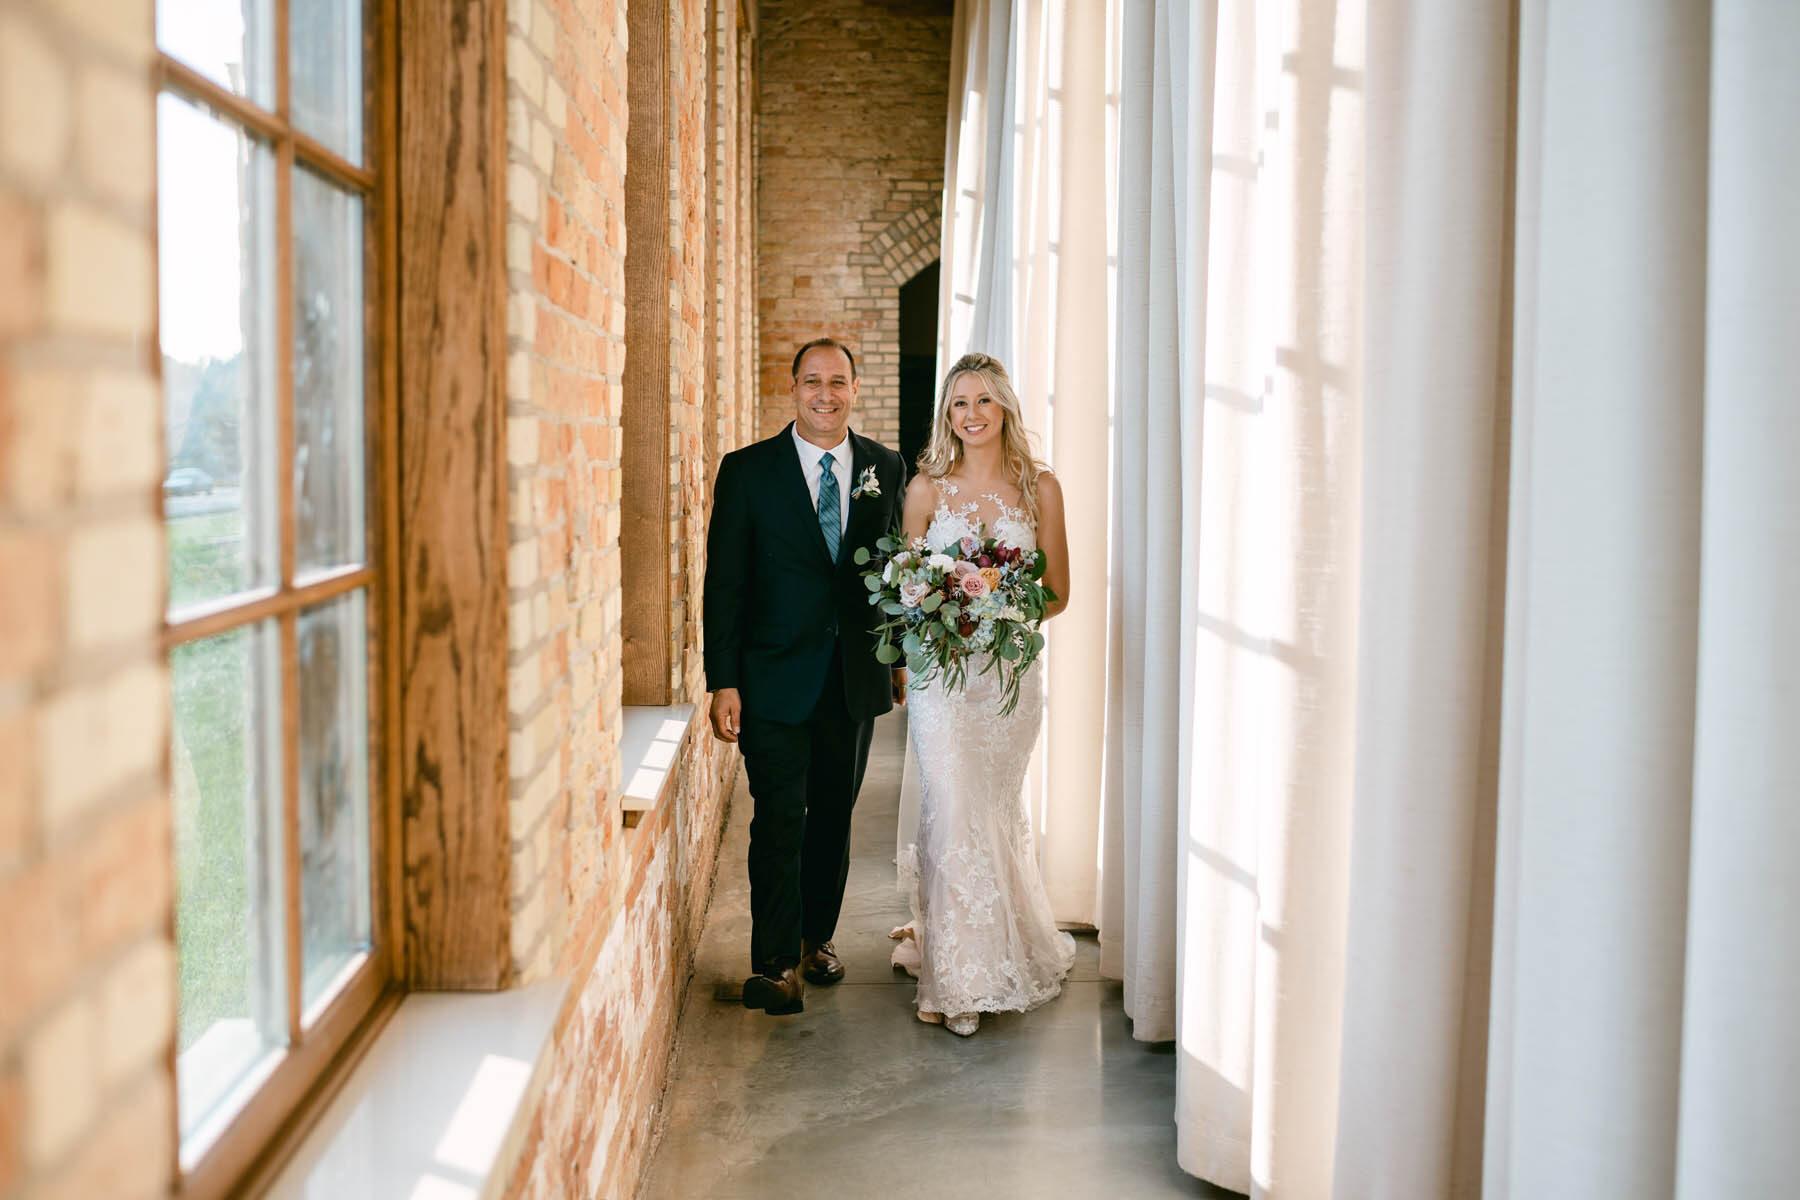 The Brix wedding ceremony